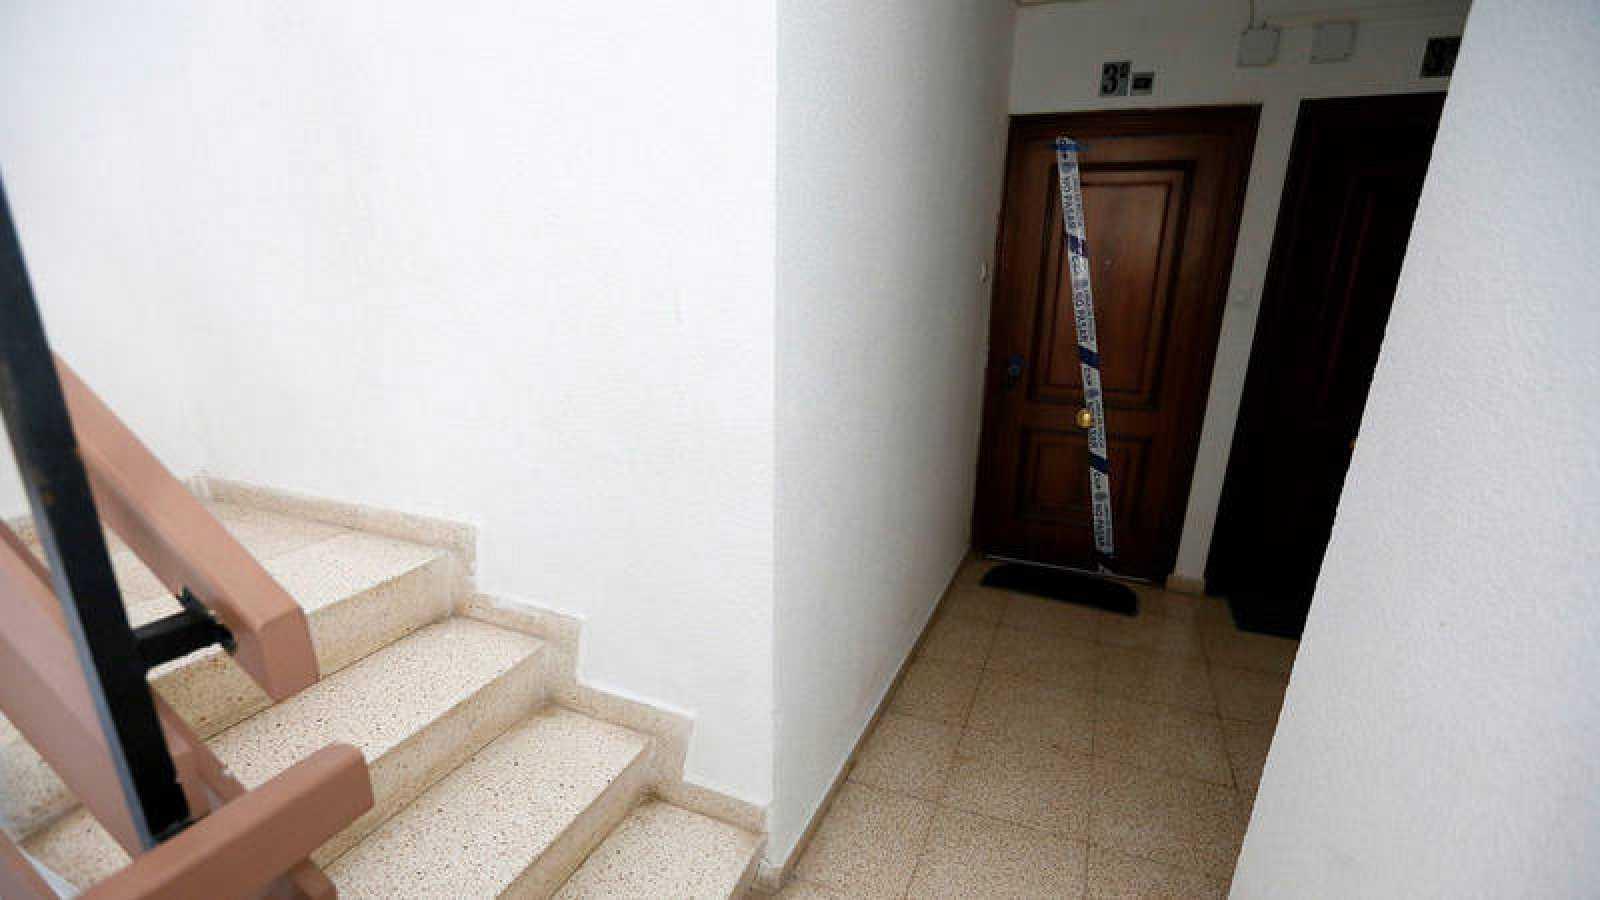 Domicilio situado en el barrio Juan XXIII de Alicante, donde un hombre de 44 años ha sido detenido por, presuntamente, matar a un hermano de 42 años y a sus padres de 71 y 69 años, respectivamente. EFE/ Manuel